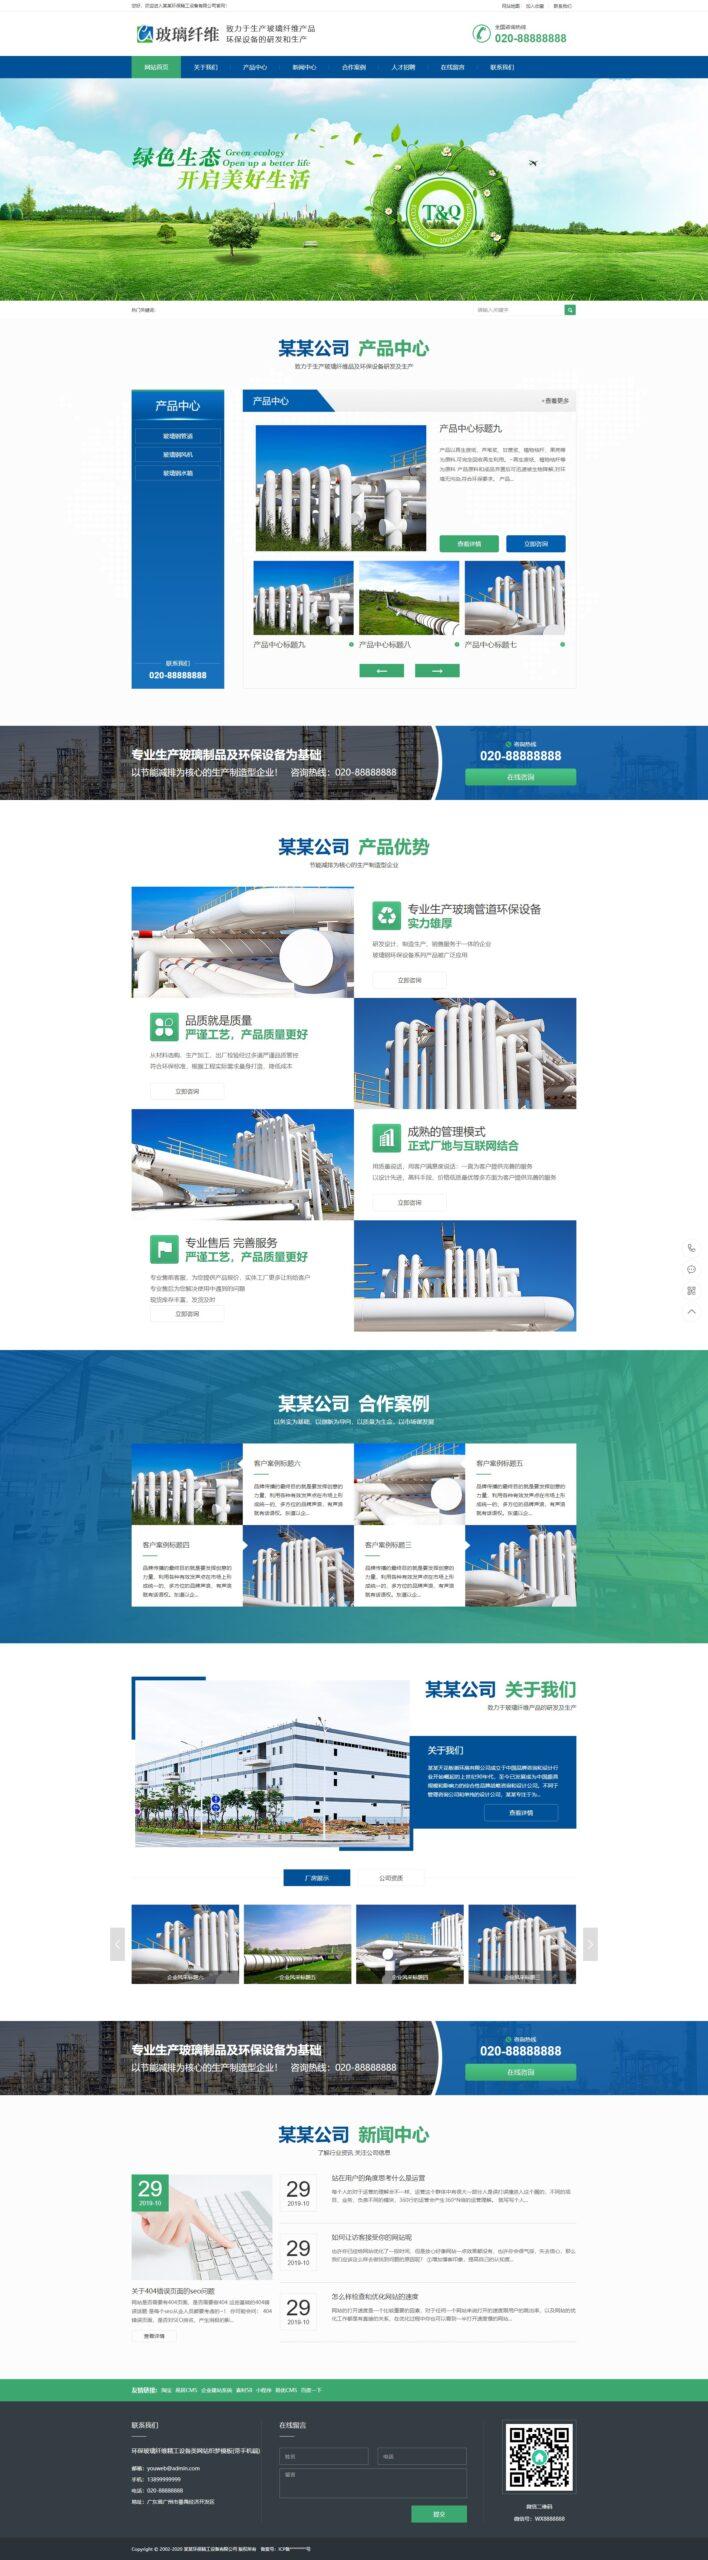 D91【织梦dedecms】模板源码营销推广型环保玻璃网站模板[含手机版移动端数据]